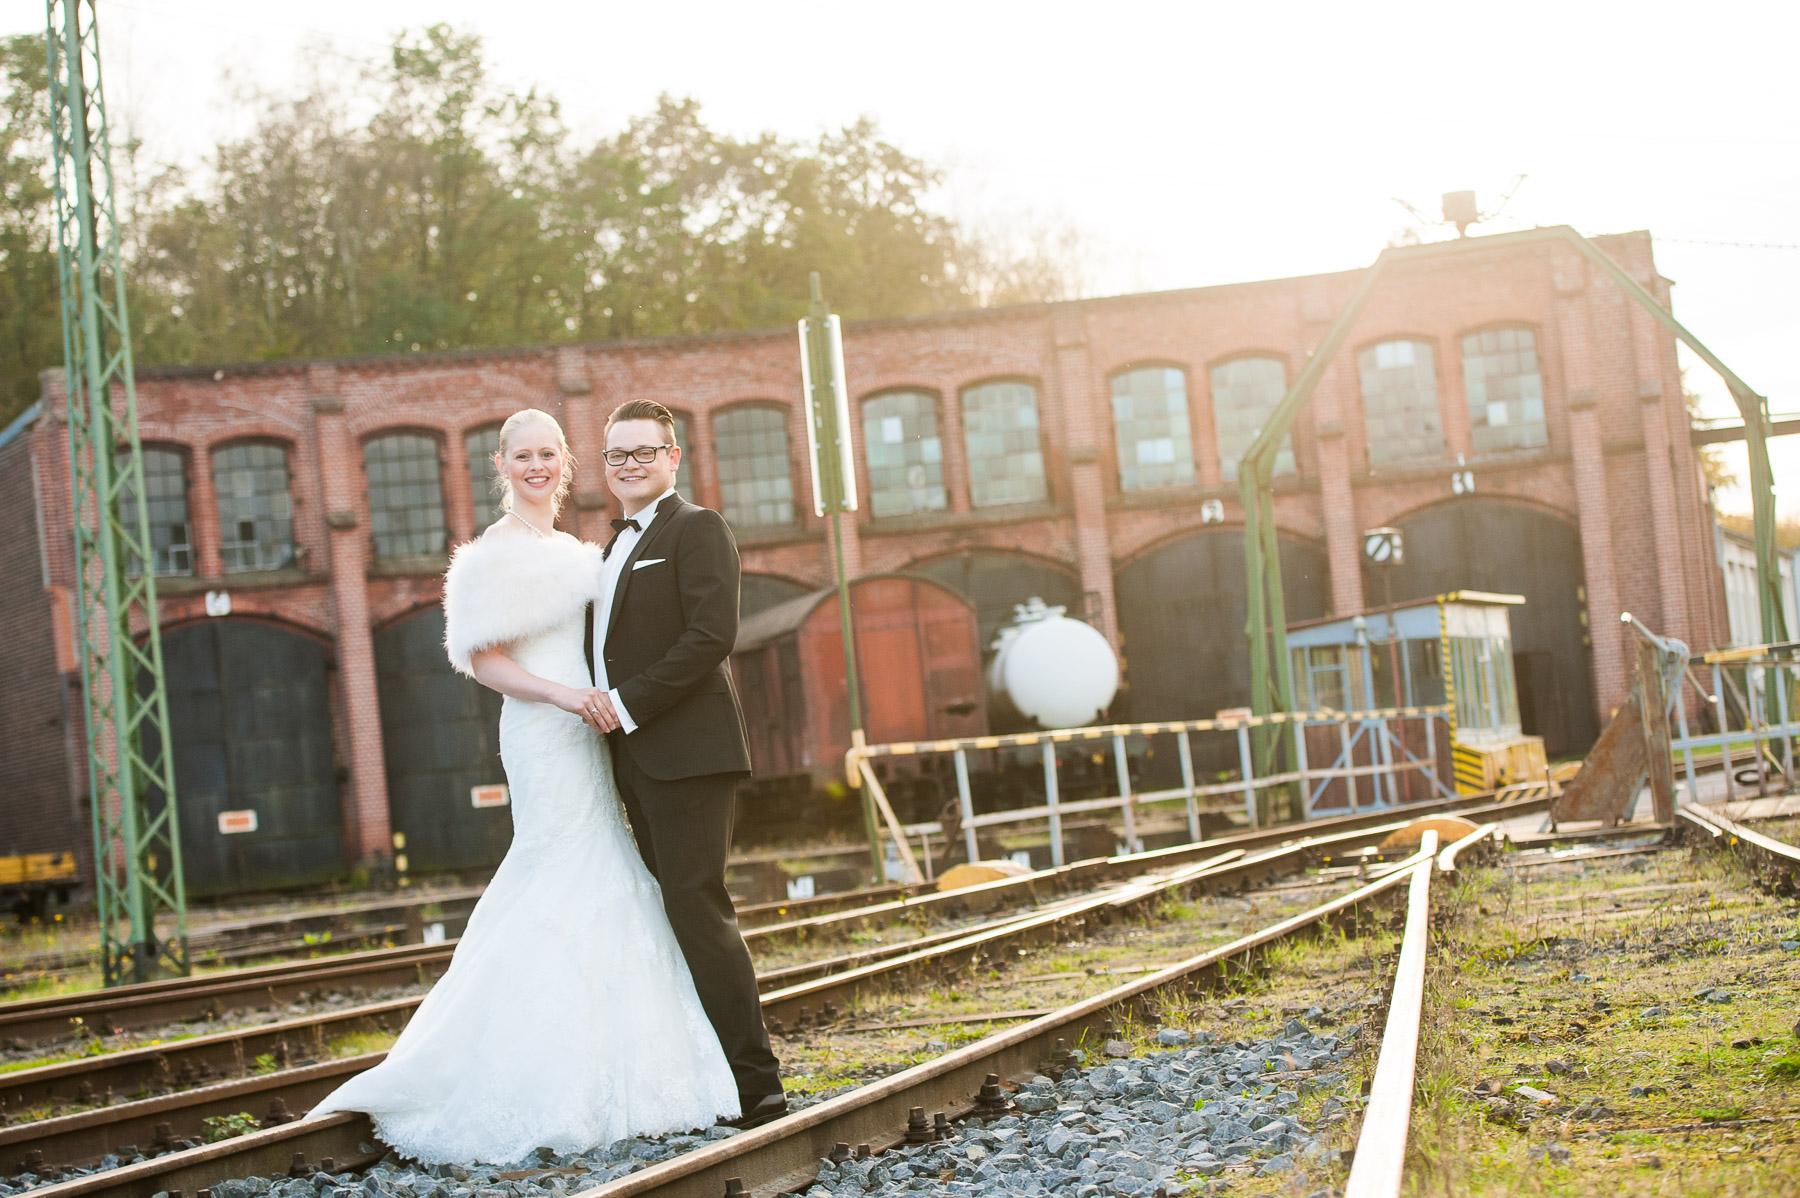 Hochzeitsbilder-nach-der-Hochzeit-9